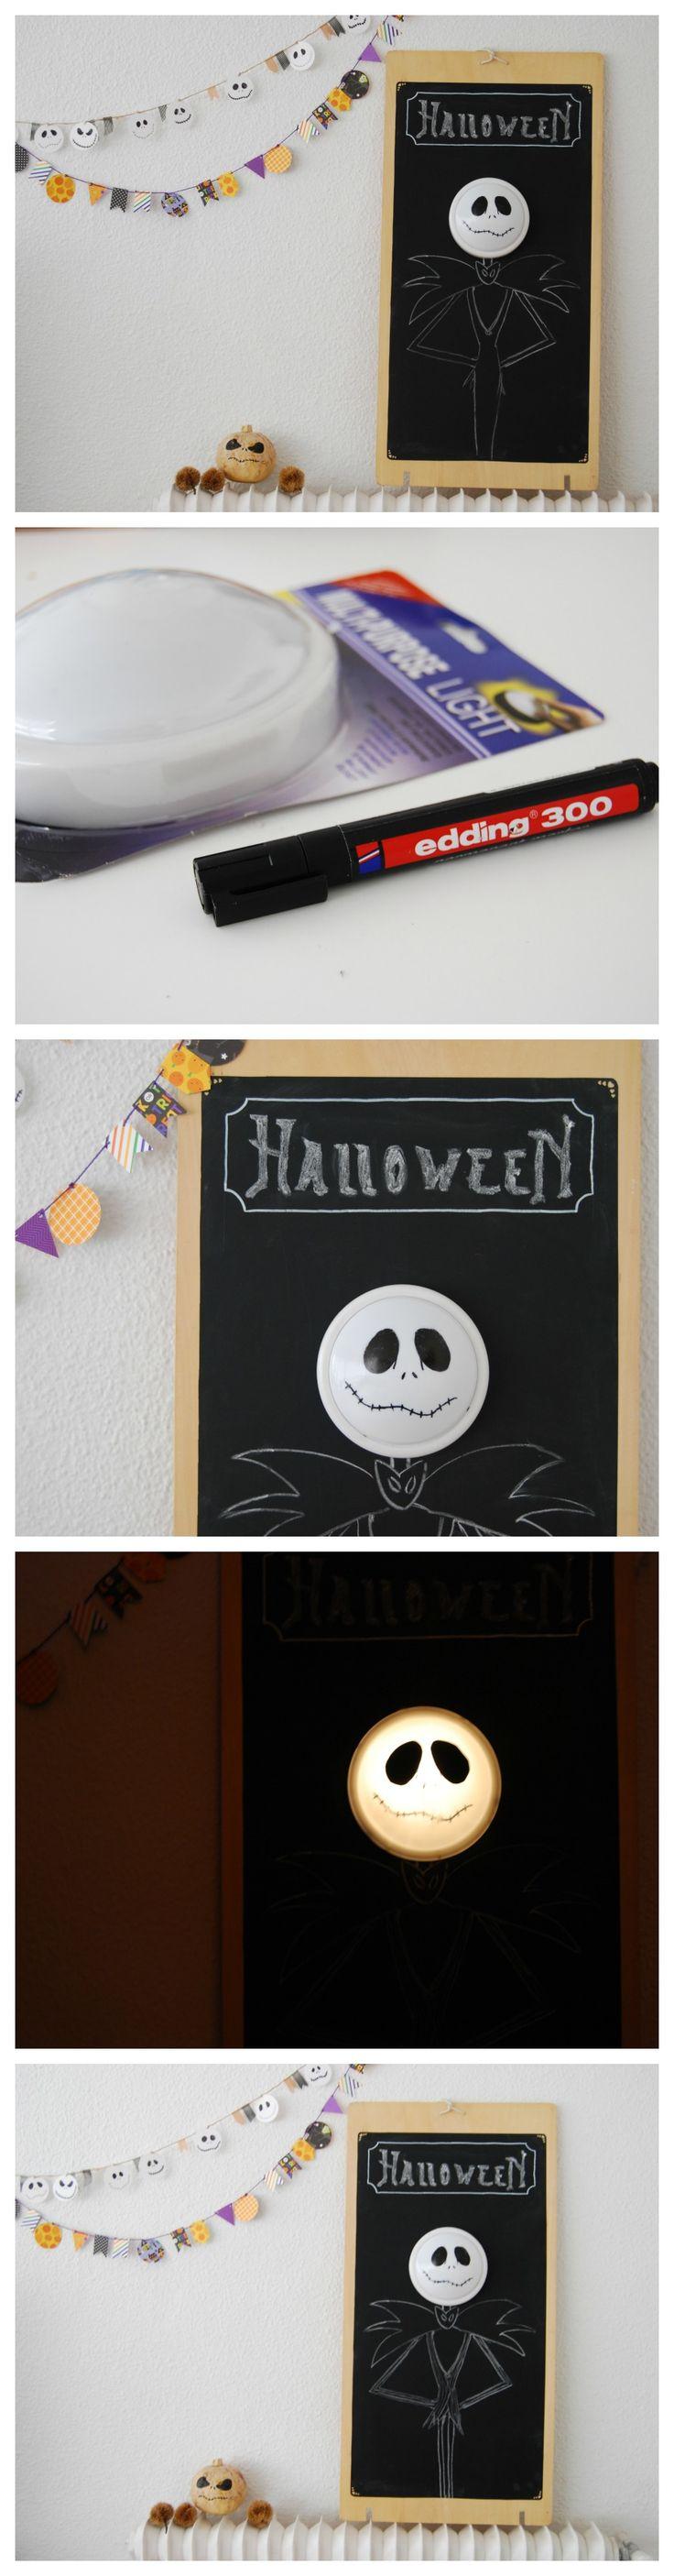 """Cartel  luminoso de Jack Skeleton, facilísimo y perfecto para una fiesta de """"Pesadilla antes de Navidad"""" o Halloween. Jack Skellington lantern for Halloween or """"nightmare before Christmas"""" party!"""